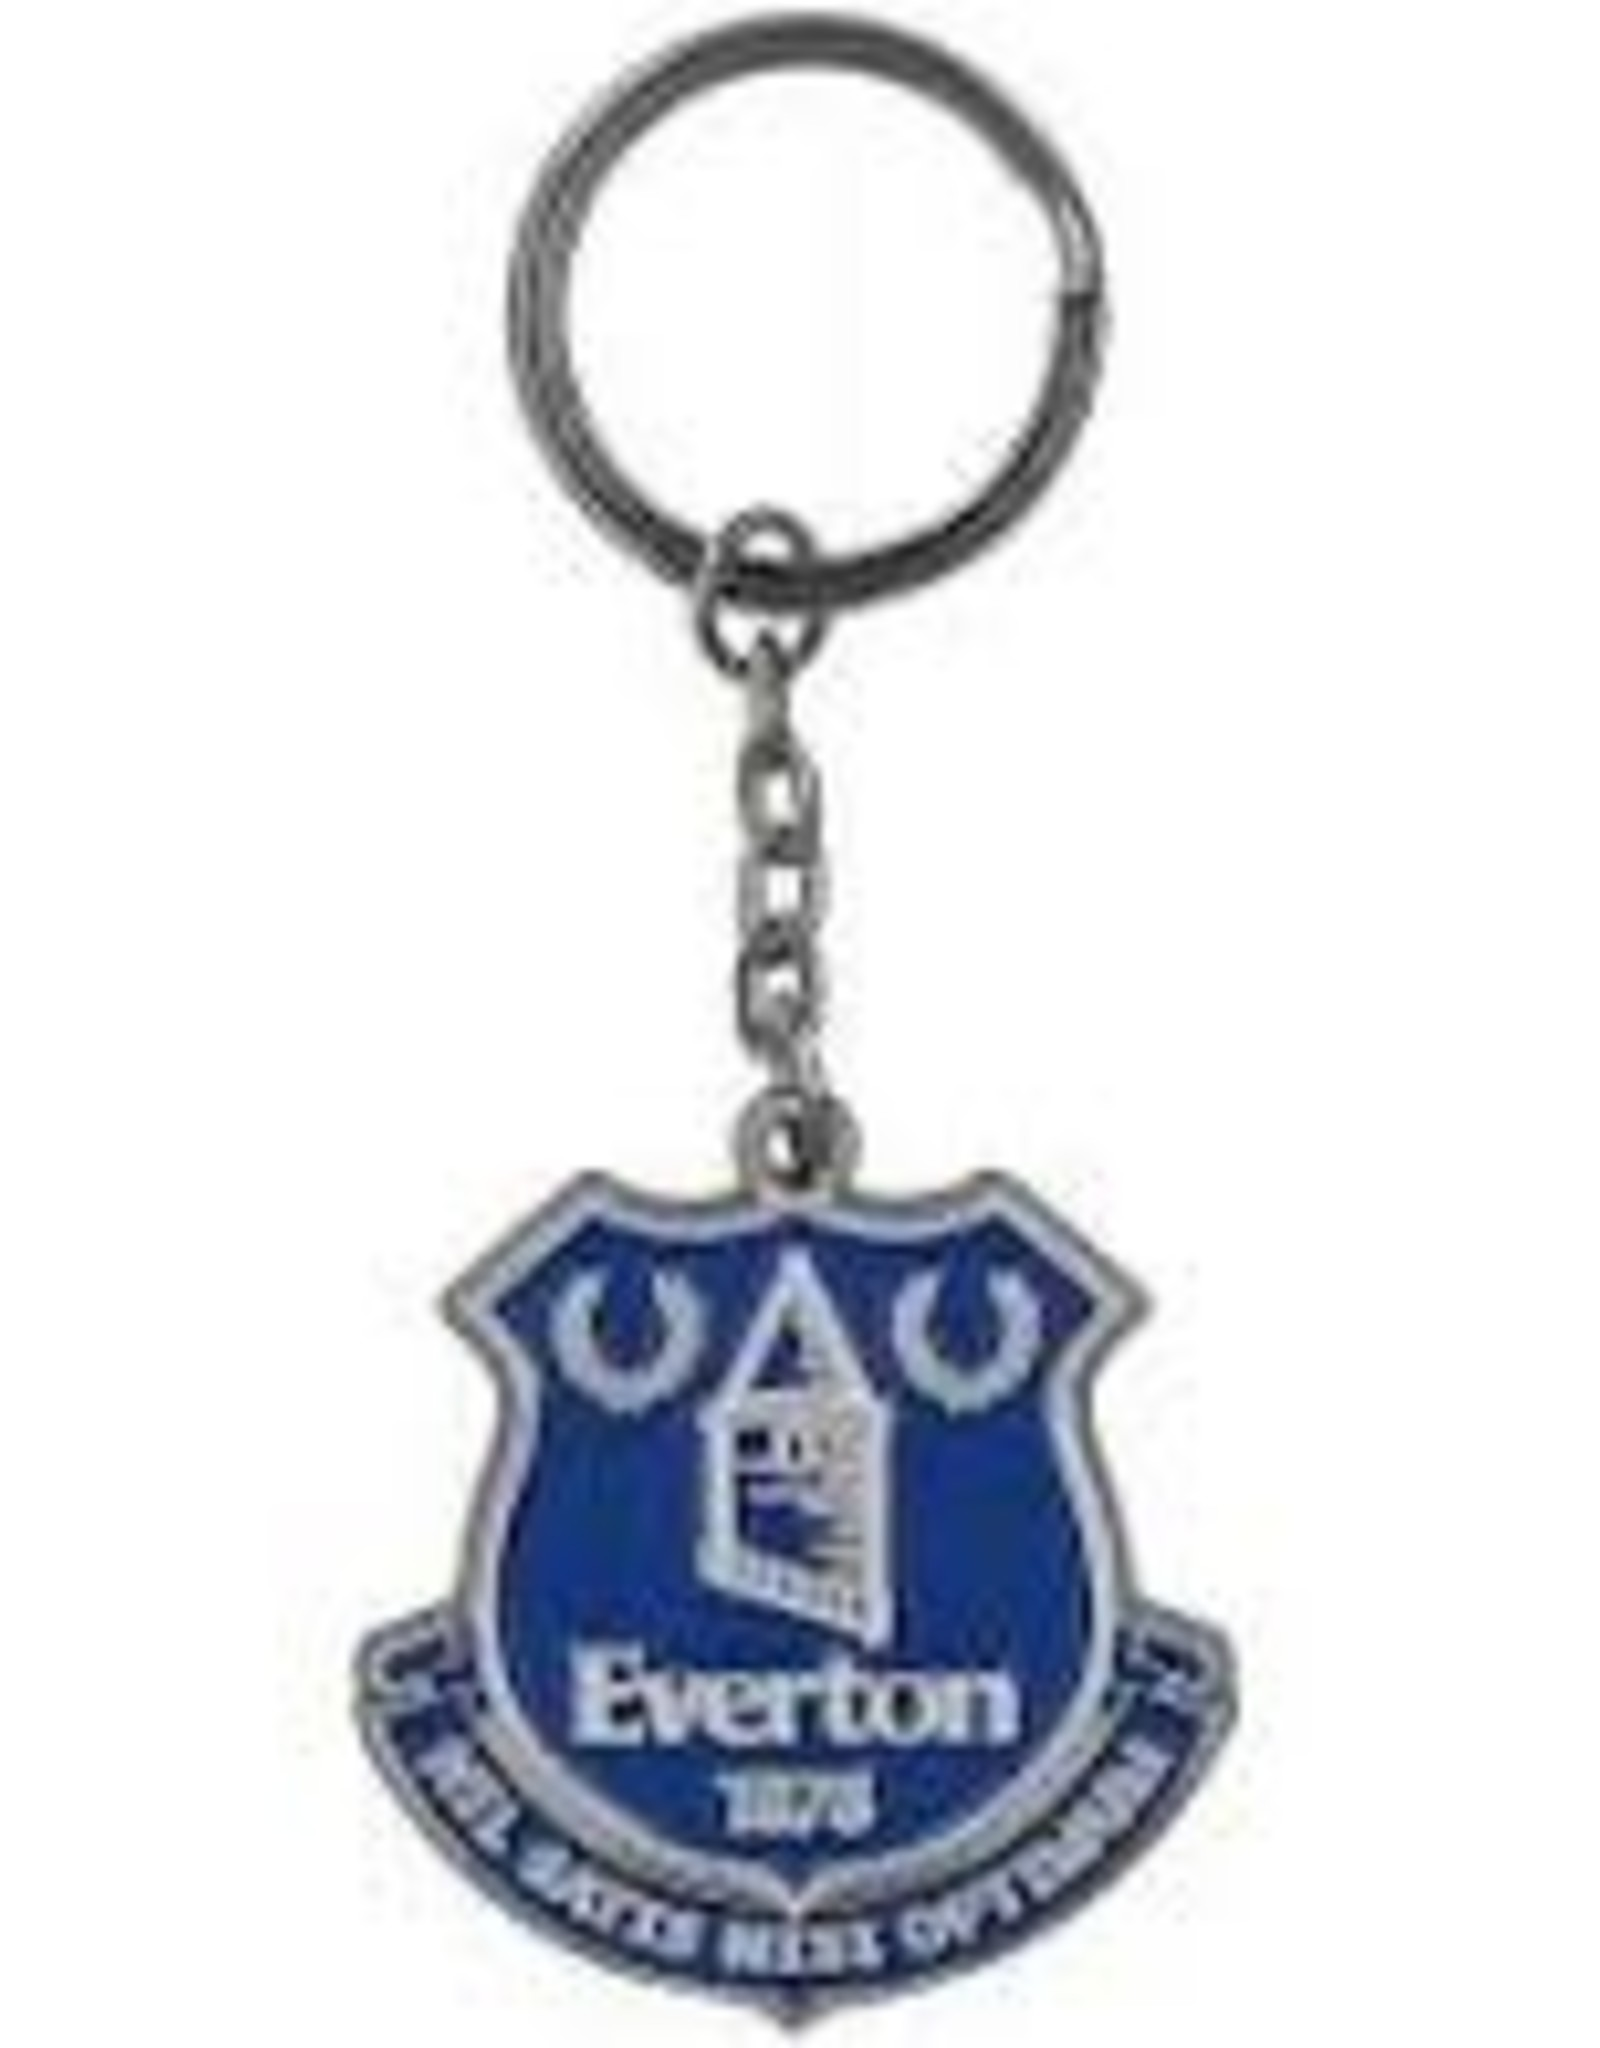 Everton Crest Keychains